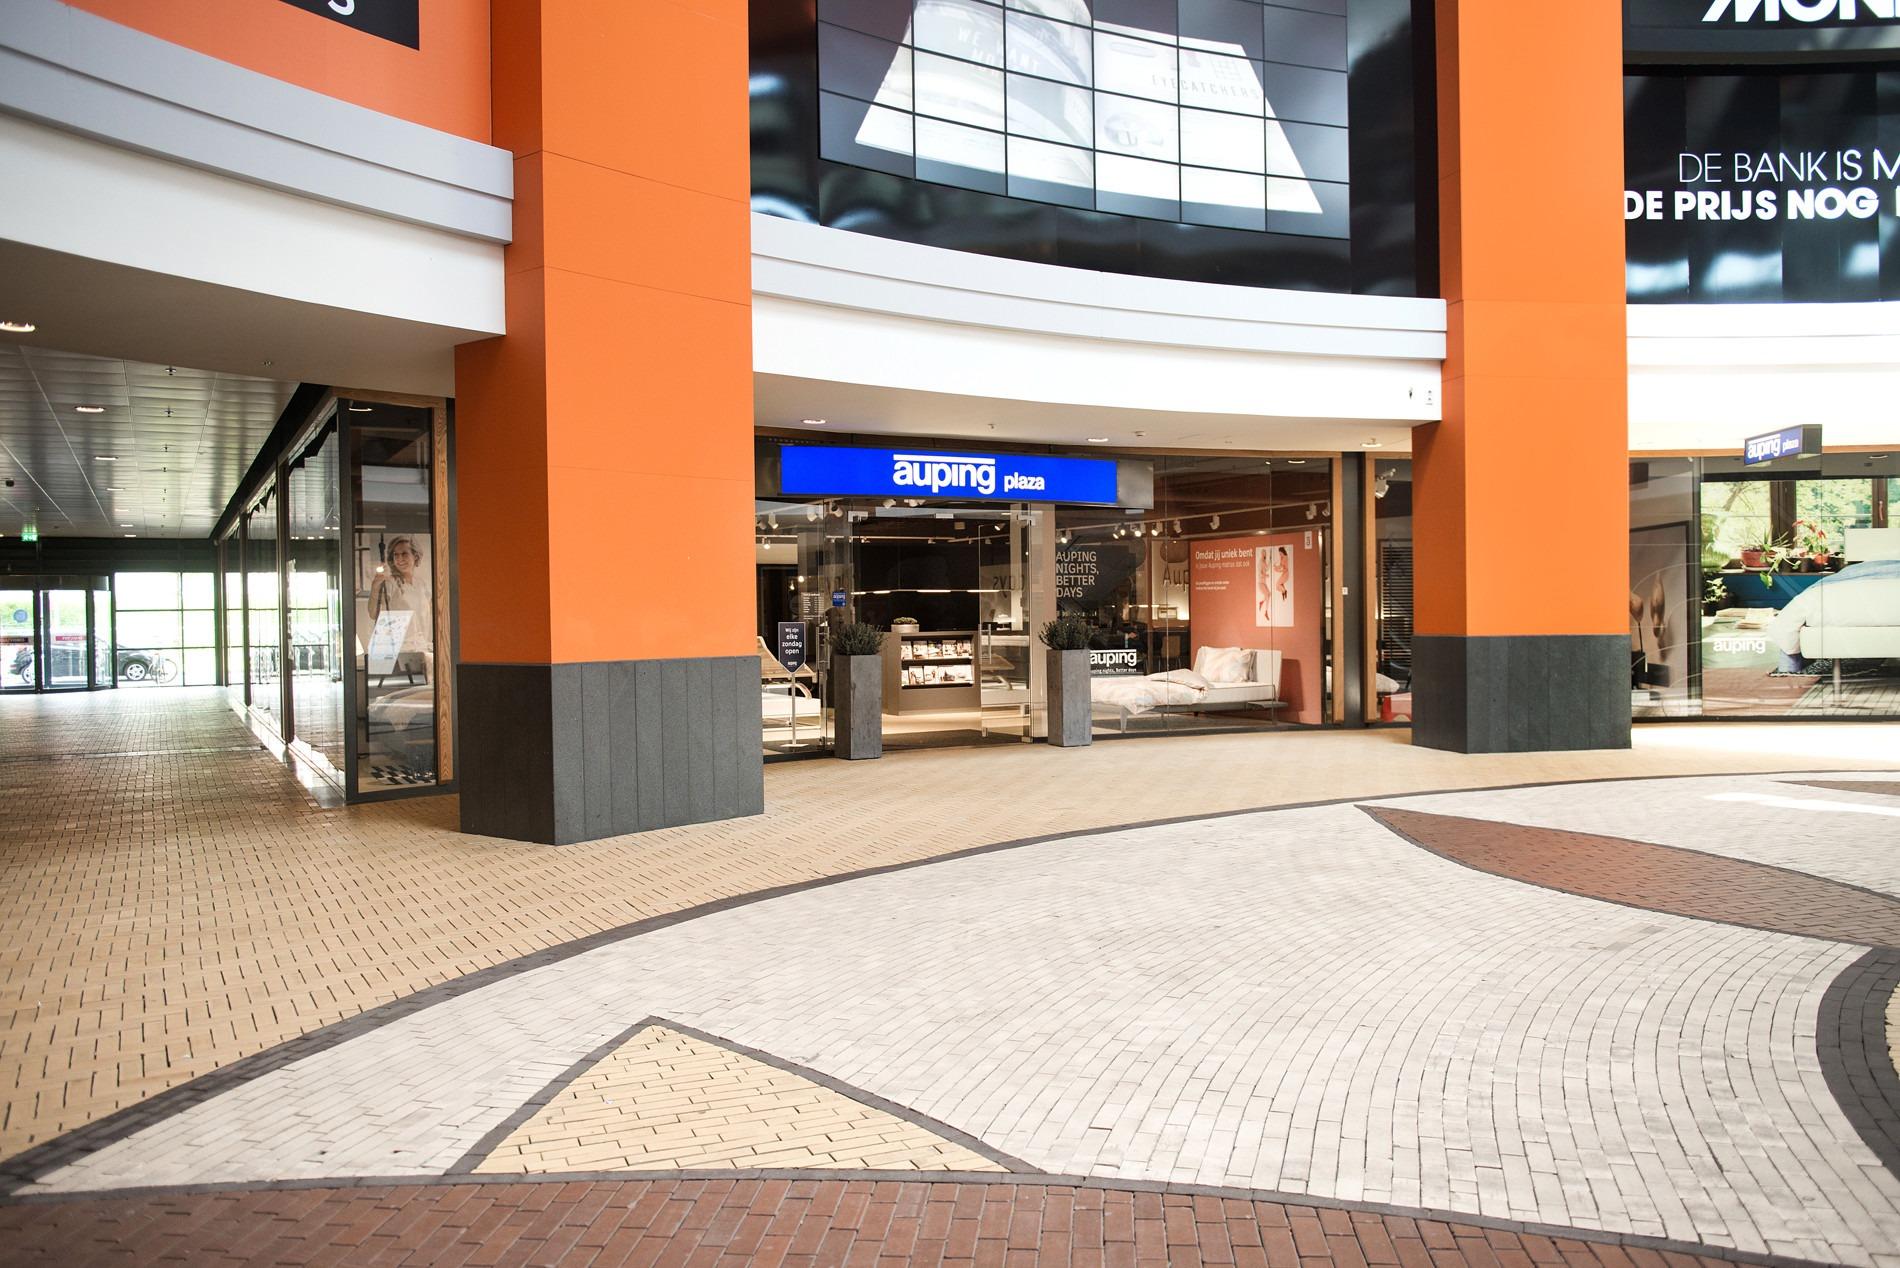 Auping beddenwinkel Den Haag Megastores